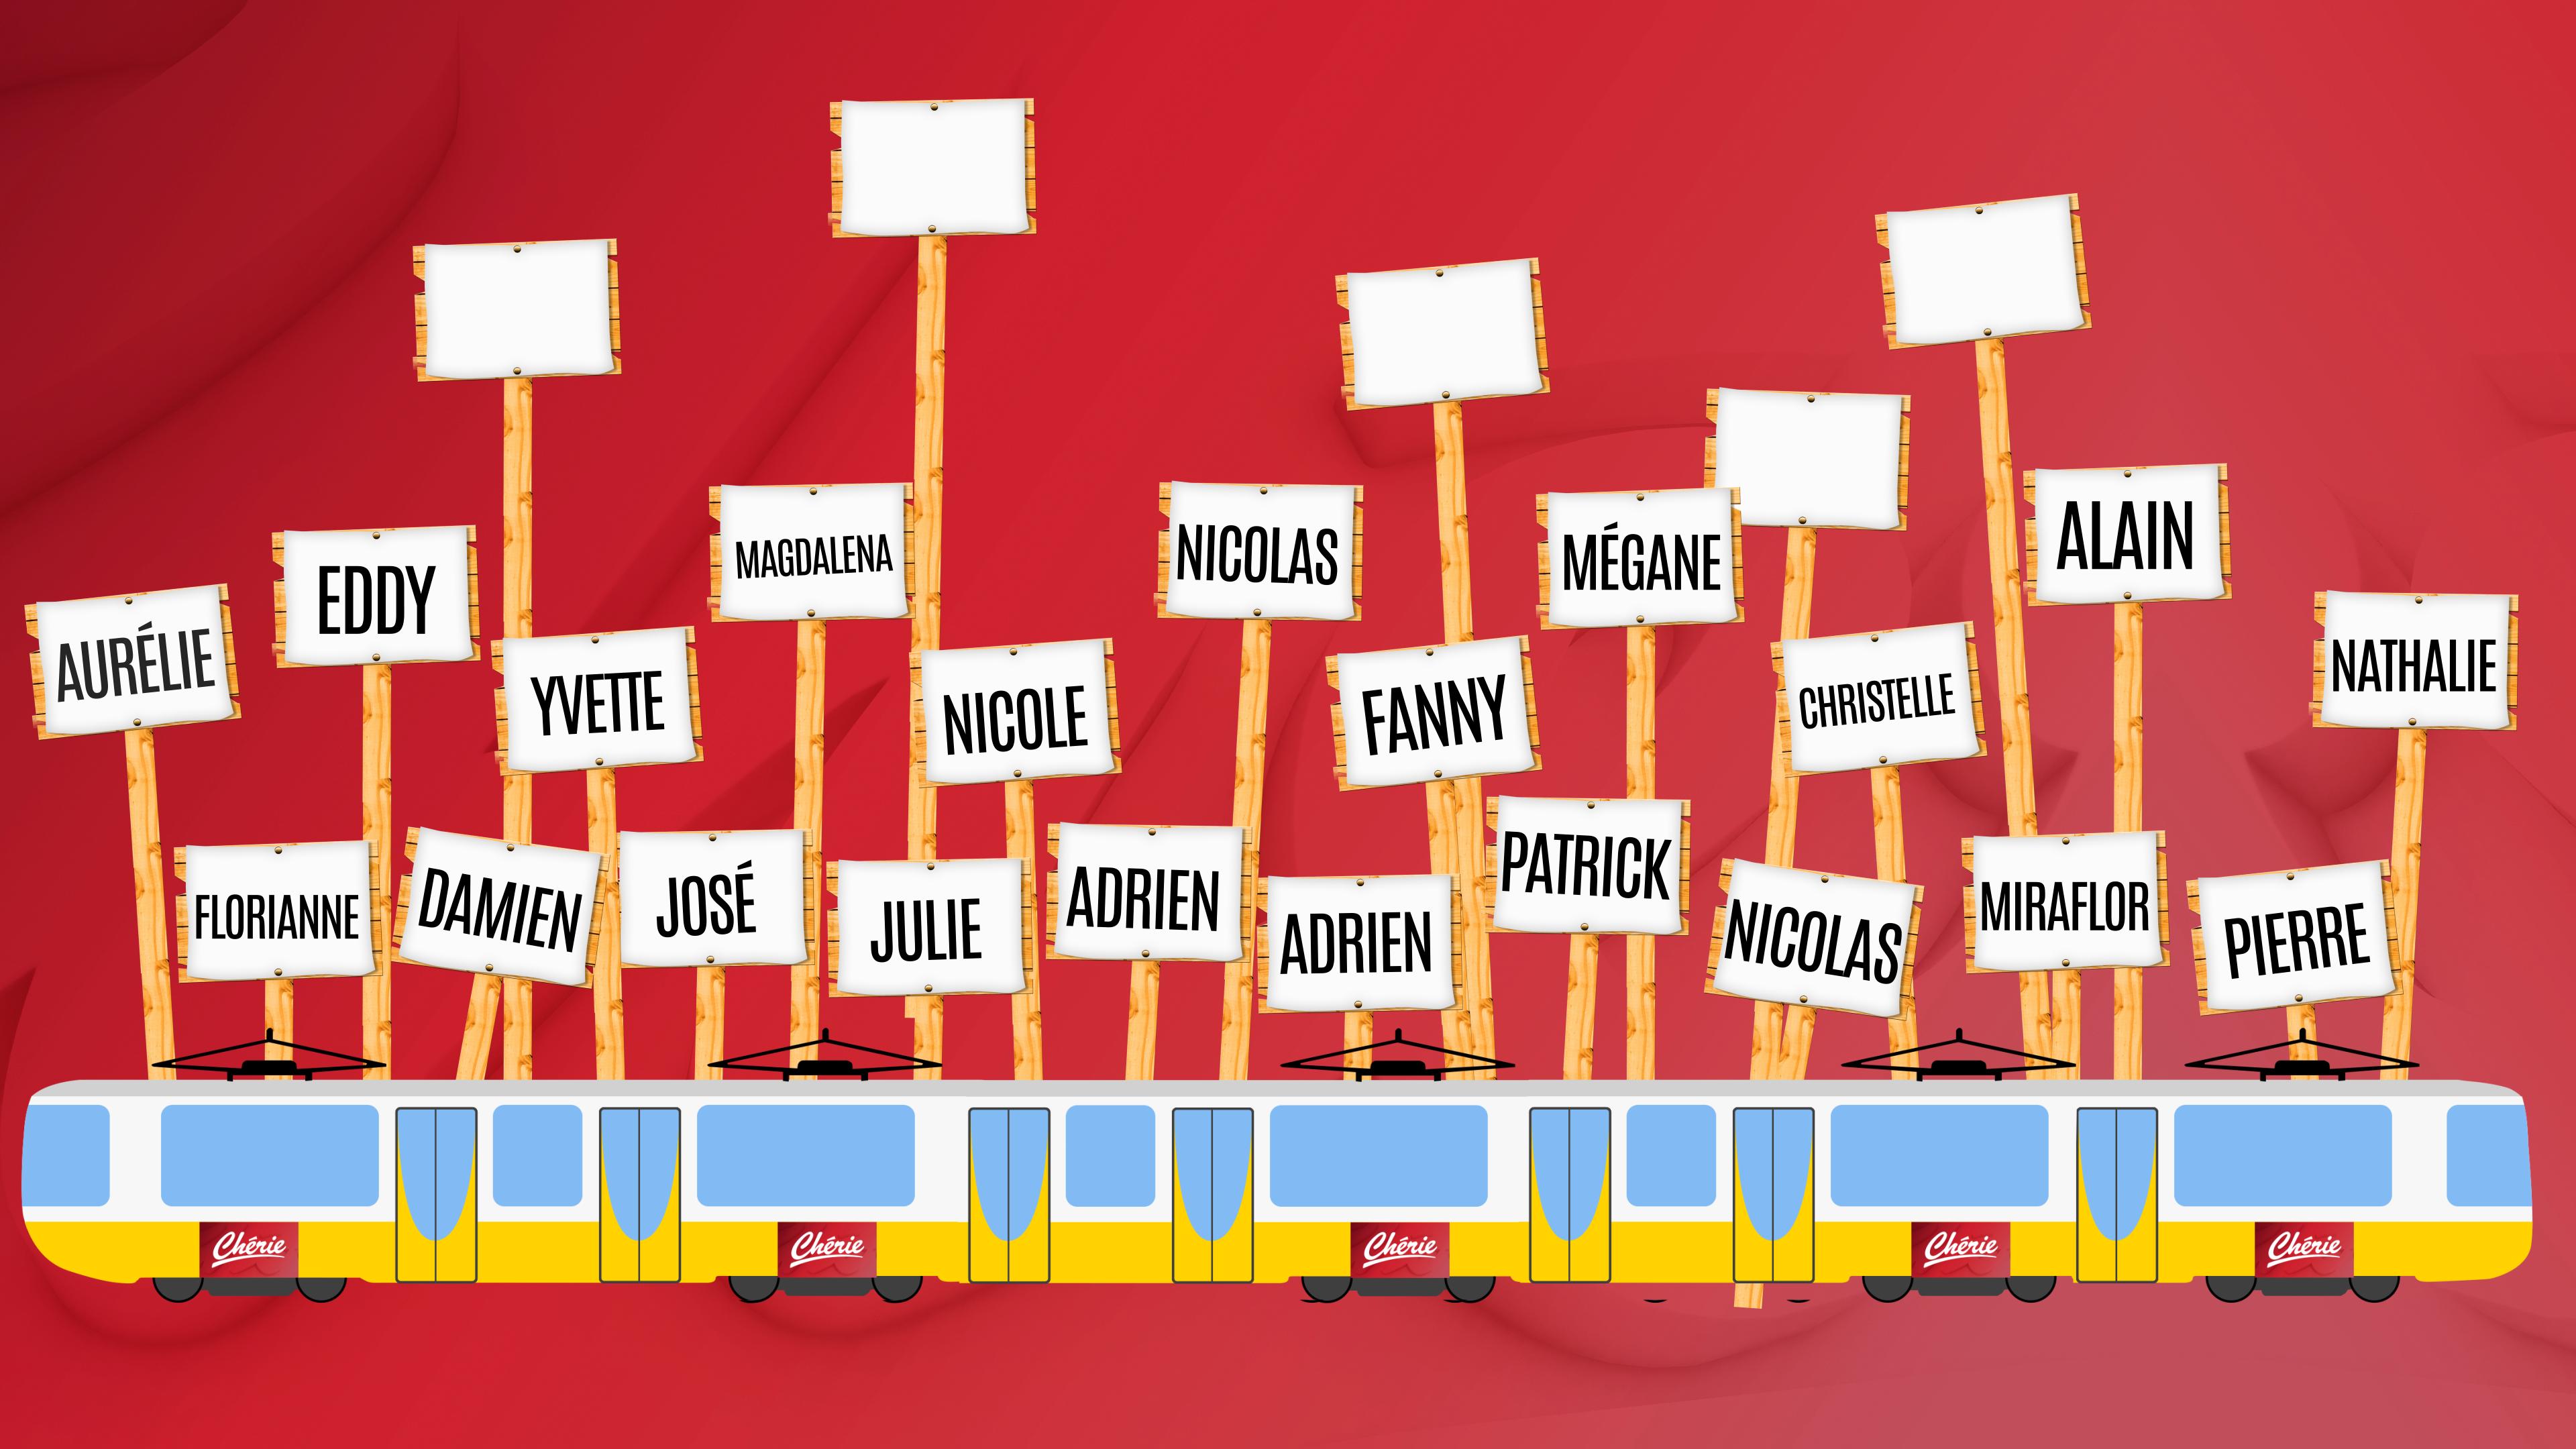 Tram Chérie participants